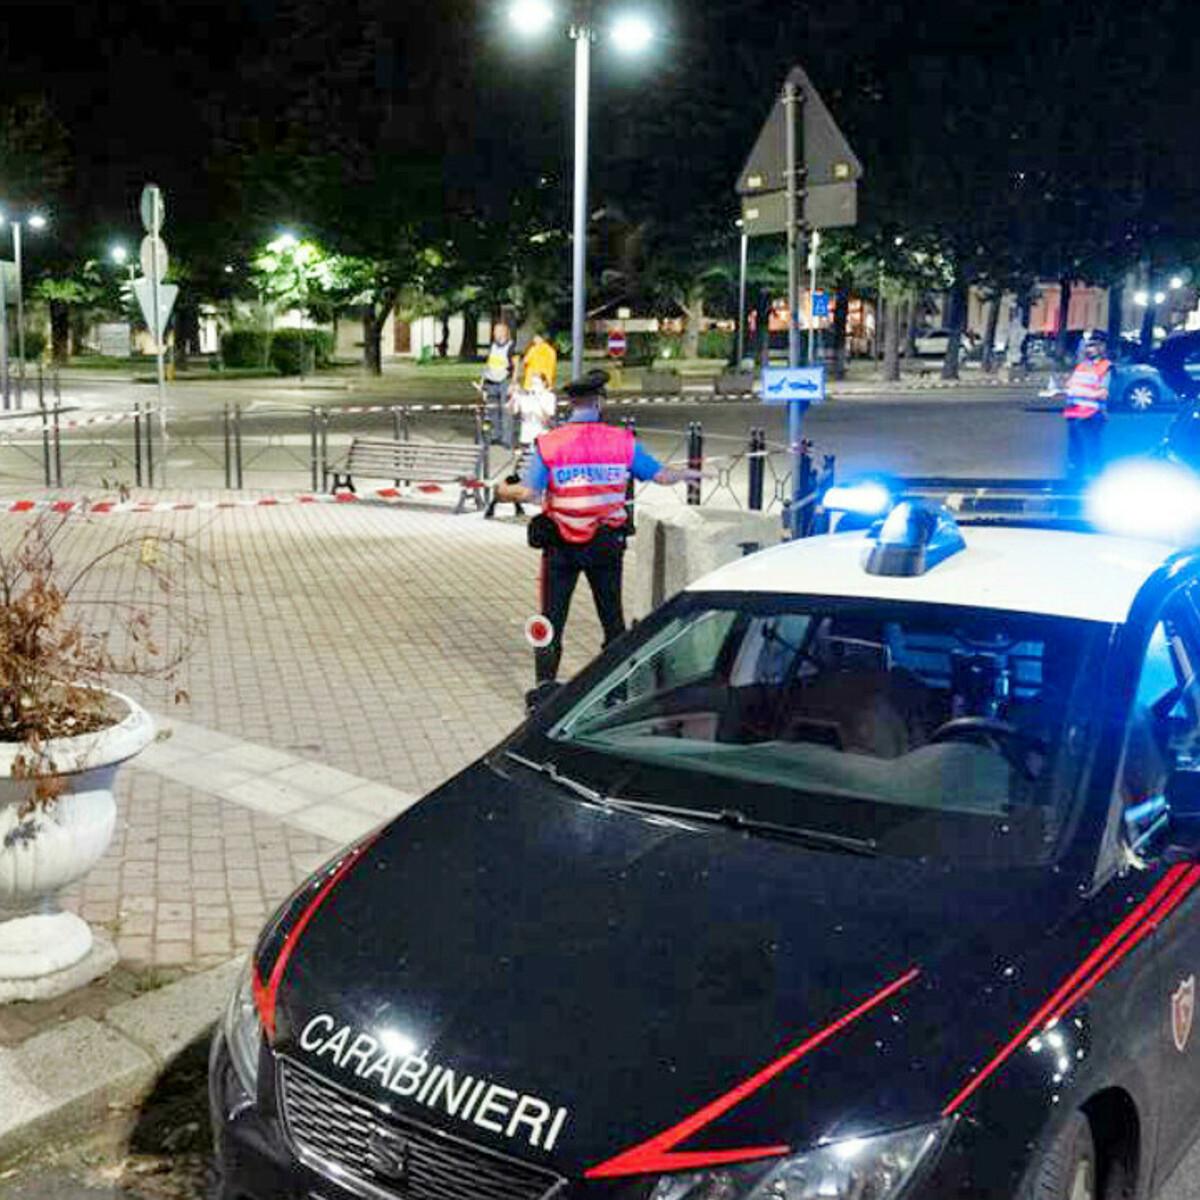 Ucciso in piazza a Voghera: l'assessore Adriatici resta ai domiciliari (ma in una località segreta)